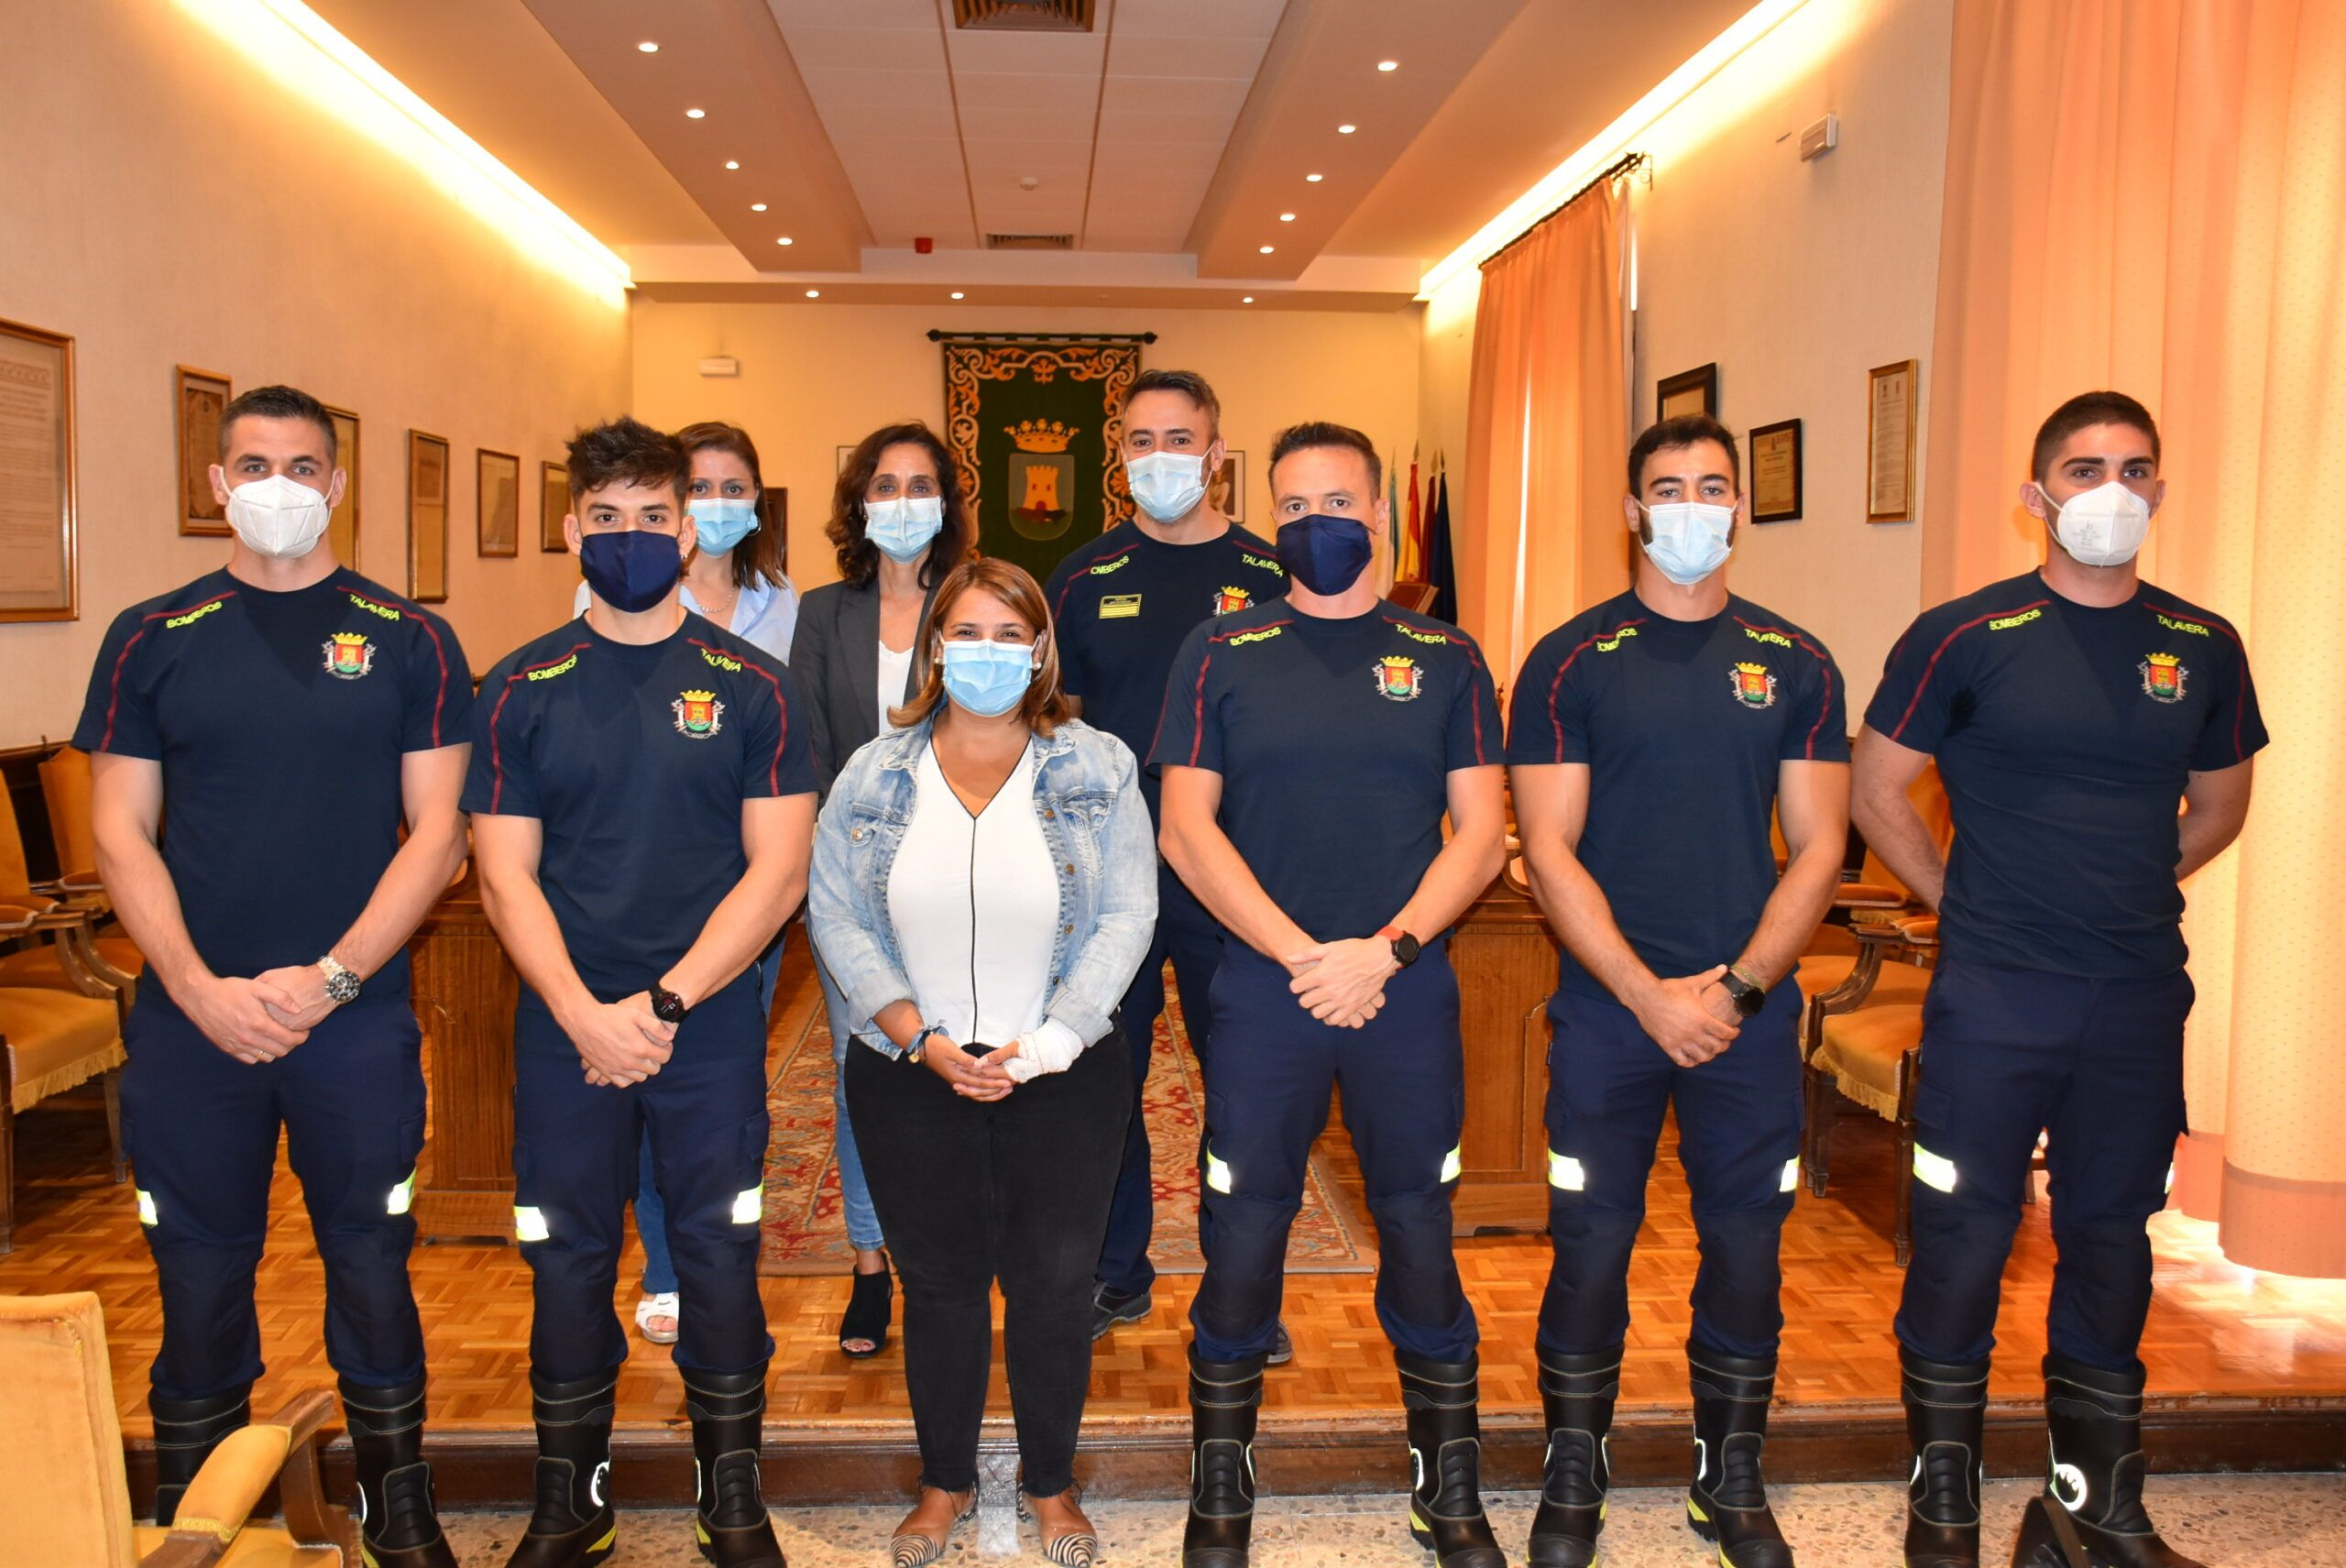 Cinco nuevos bomberos incrementarán la plantilla del Servicio de Extinción de Talavera 9 años después de las últimas incorporaciones